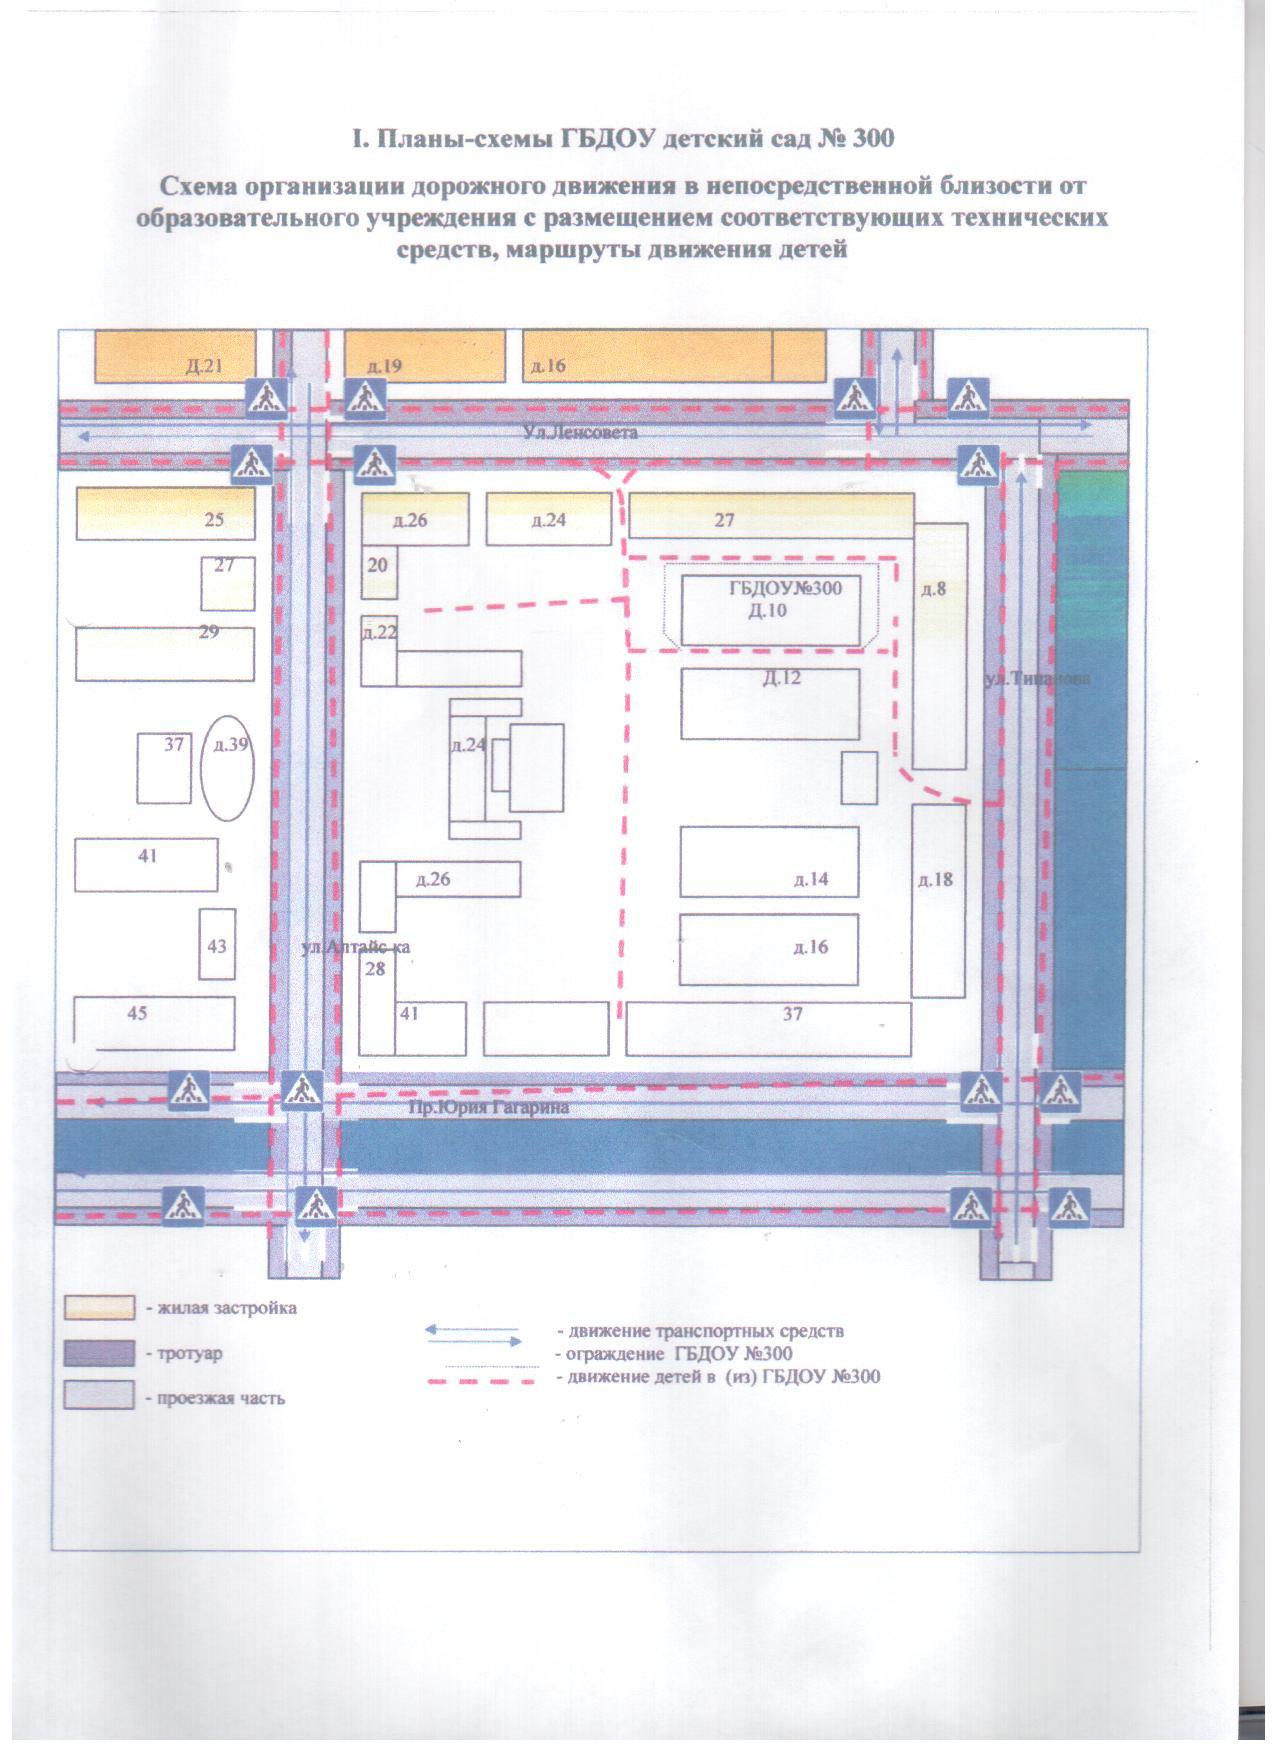 Схема организации дорожного движения